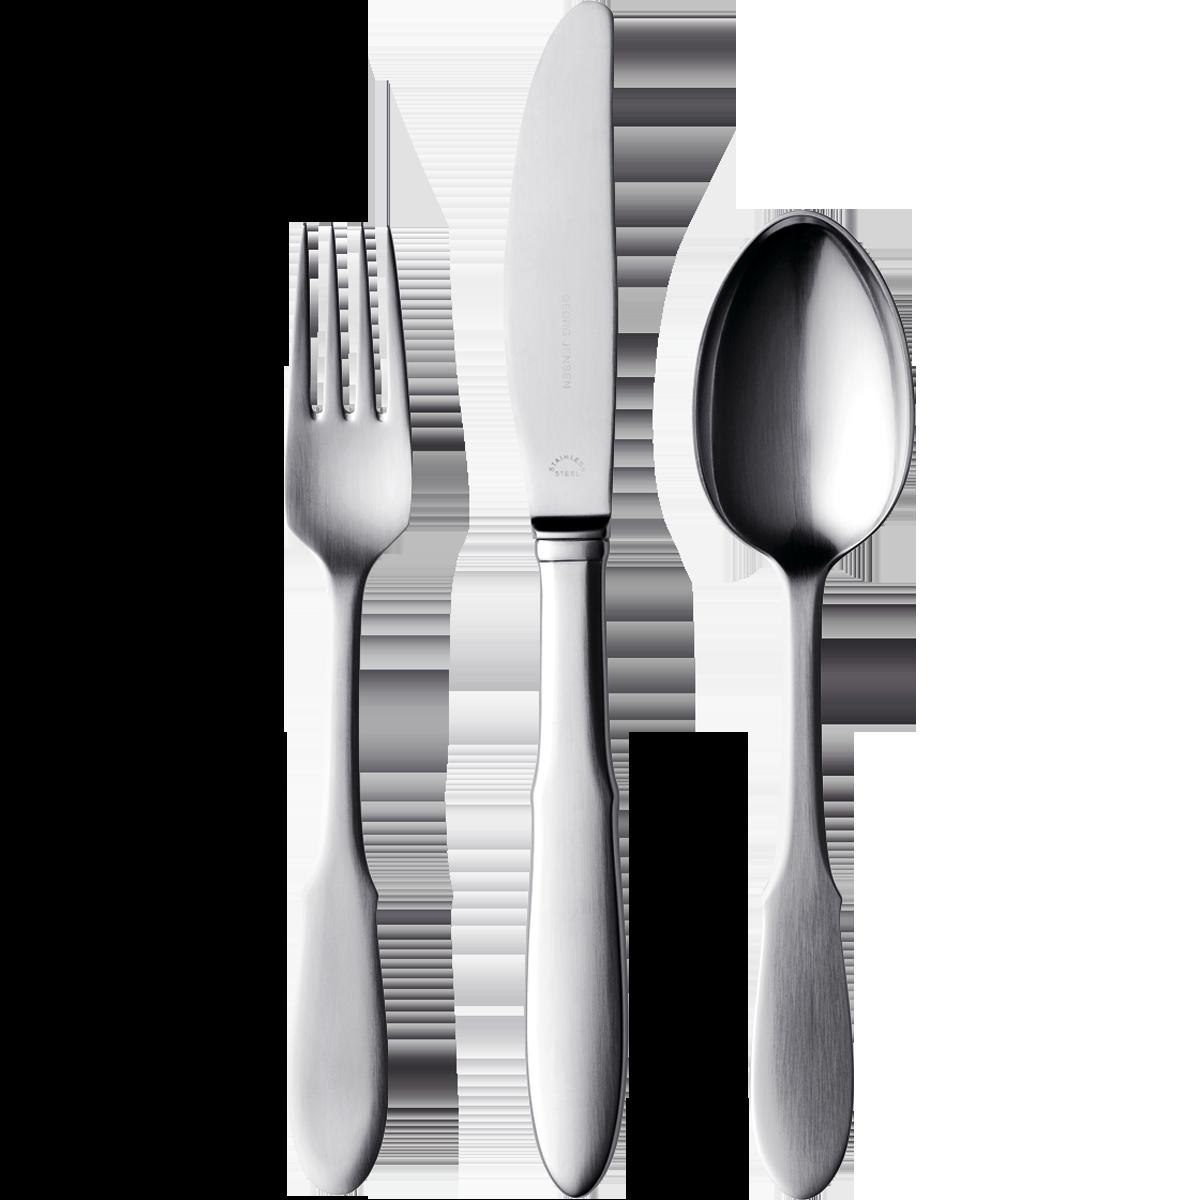 Dinner clipart utensil. Atd los angeles chapter